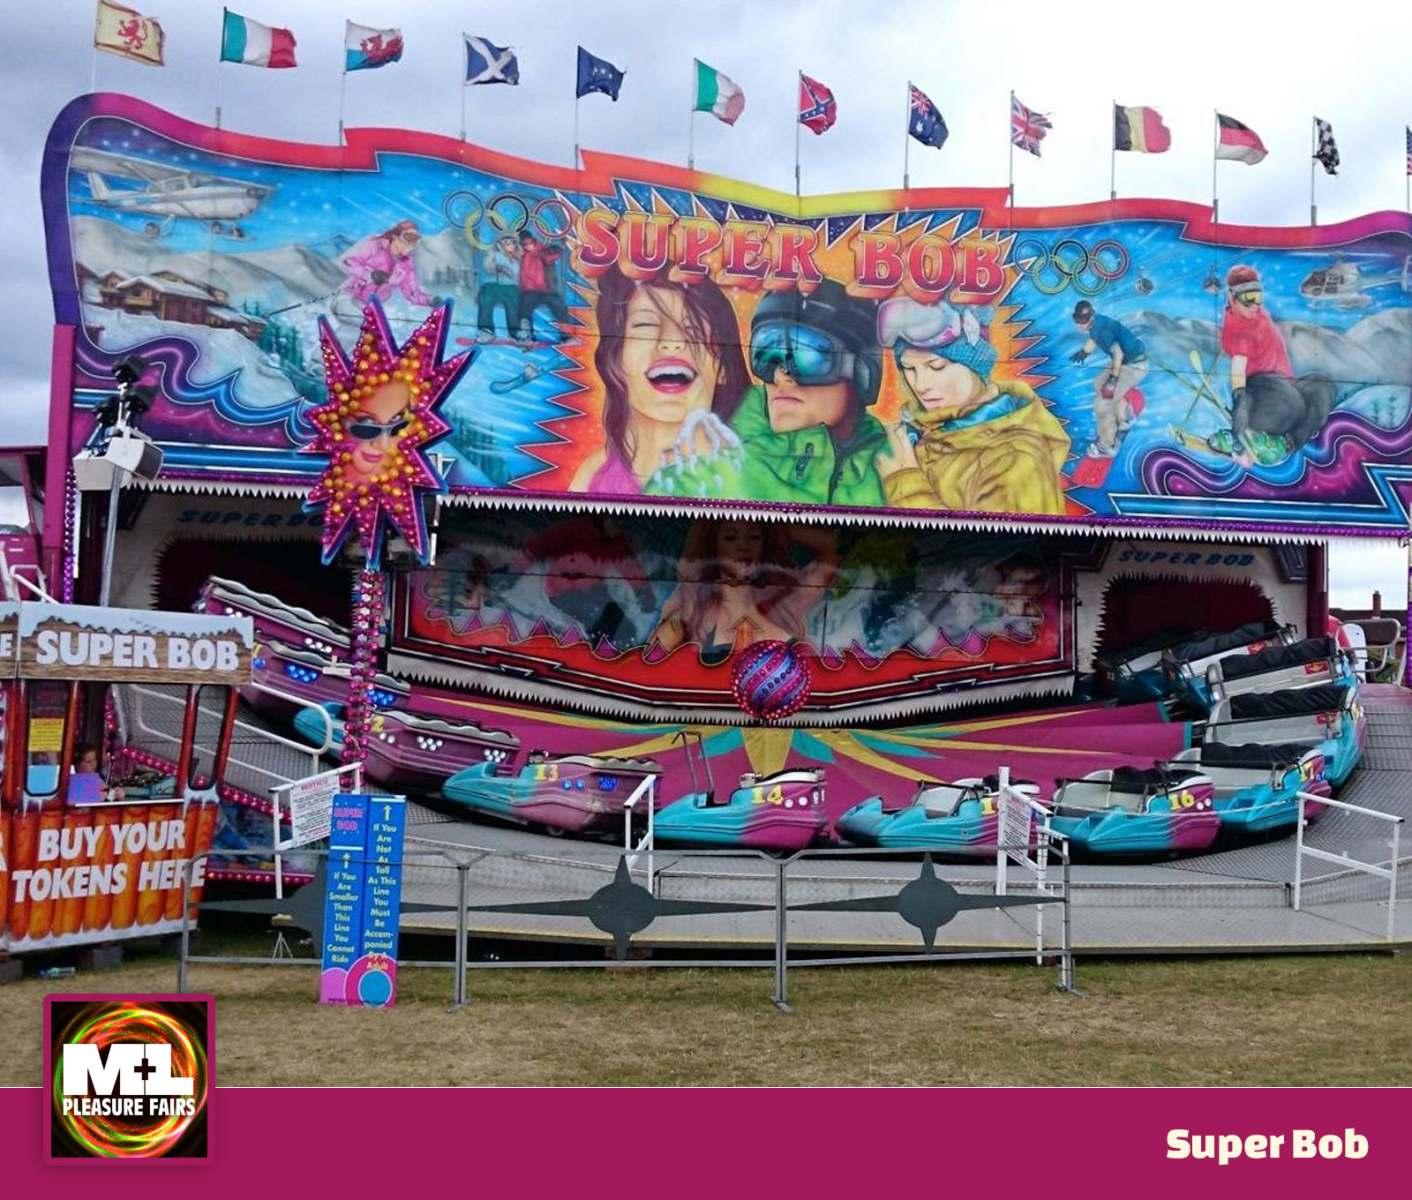 Super Bob Ride Image